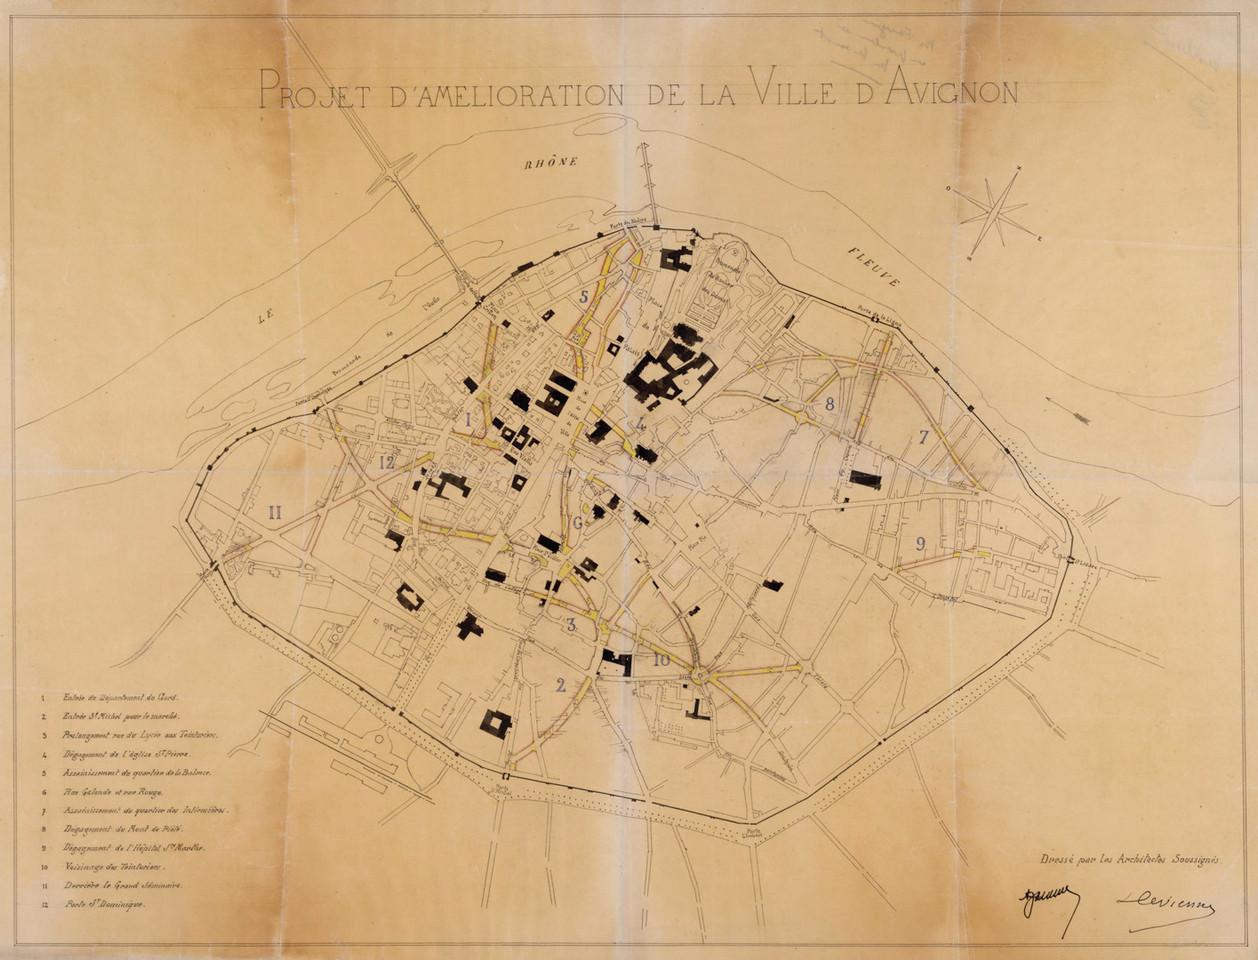 1890 – Plan de l'amélioration de l'intra-muros